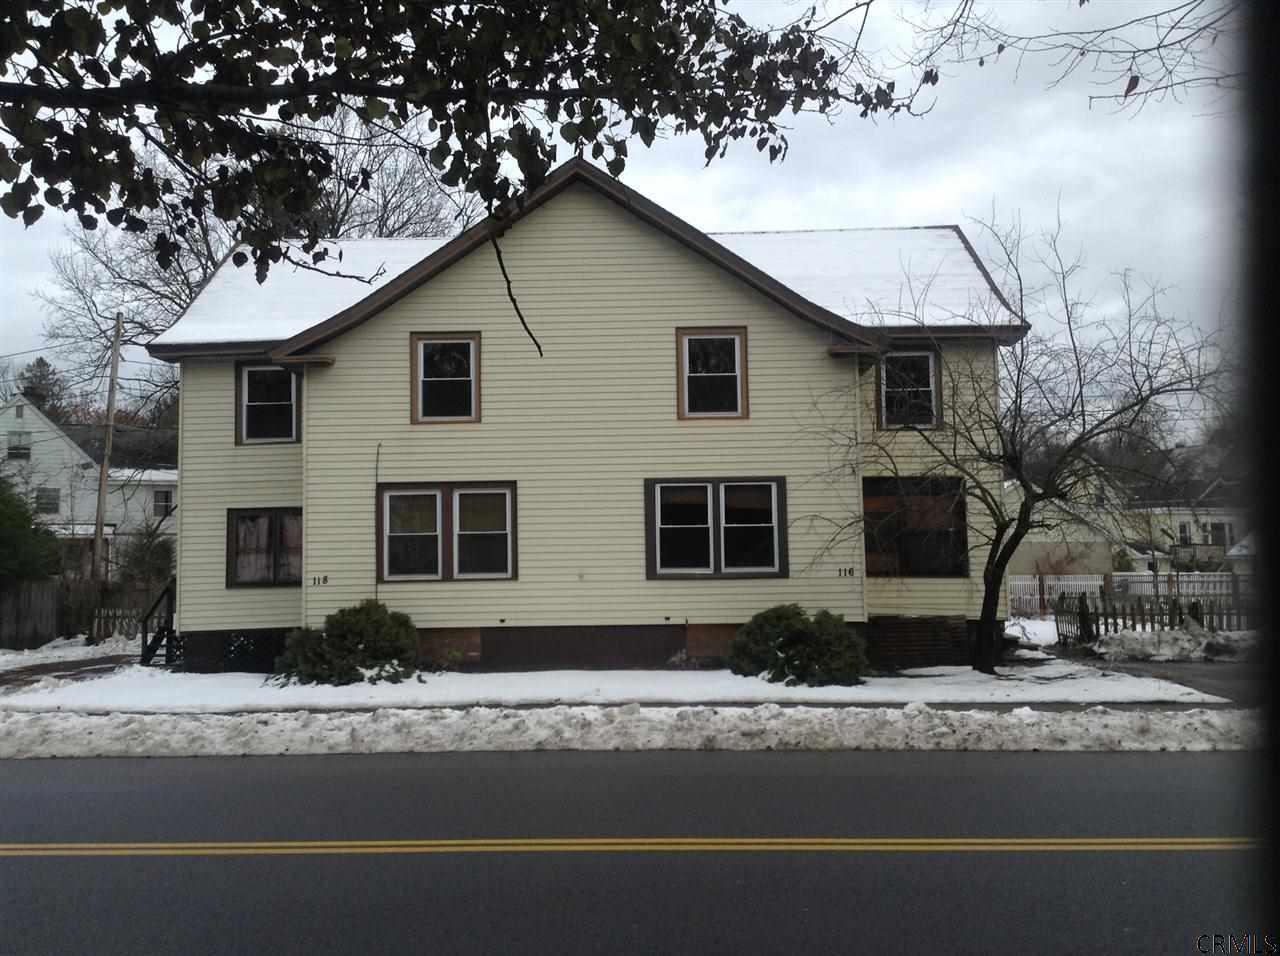 116 High Rock Ave, Saratoga Springs, NY